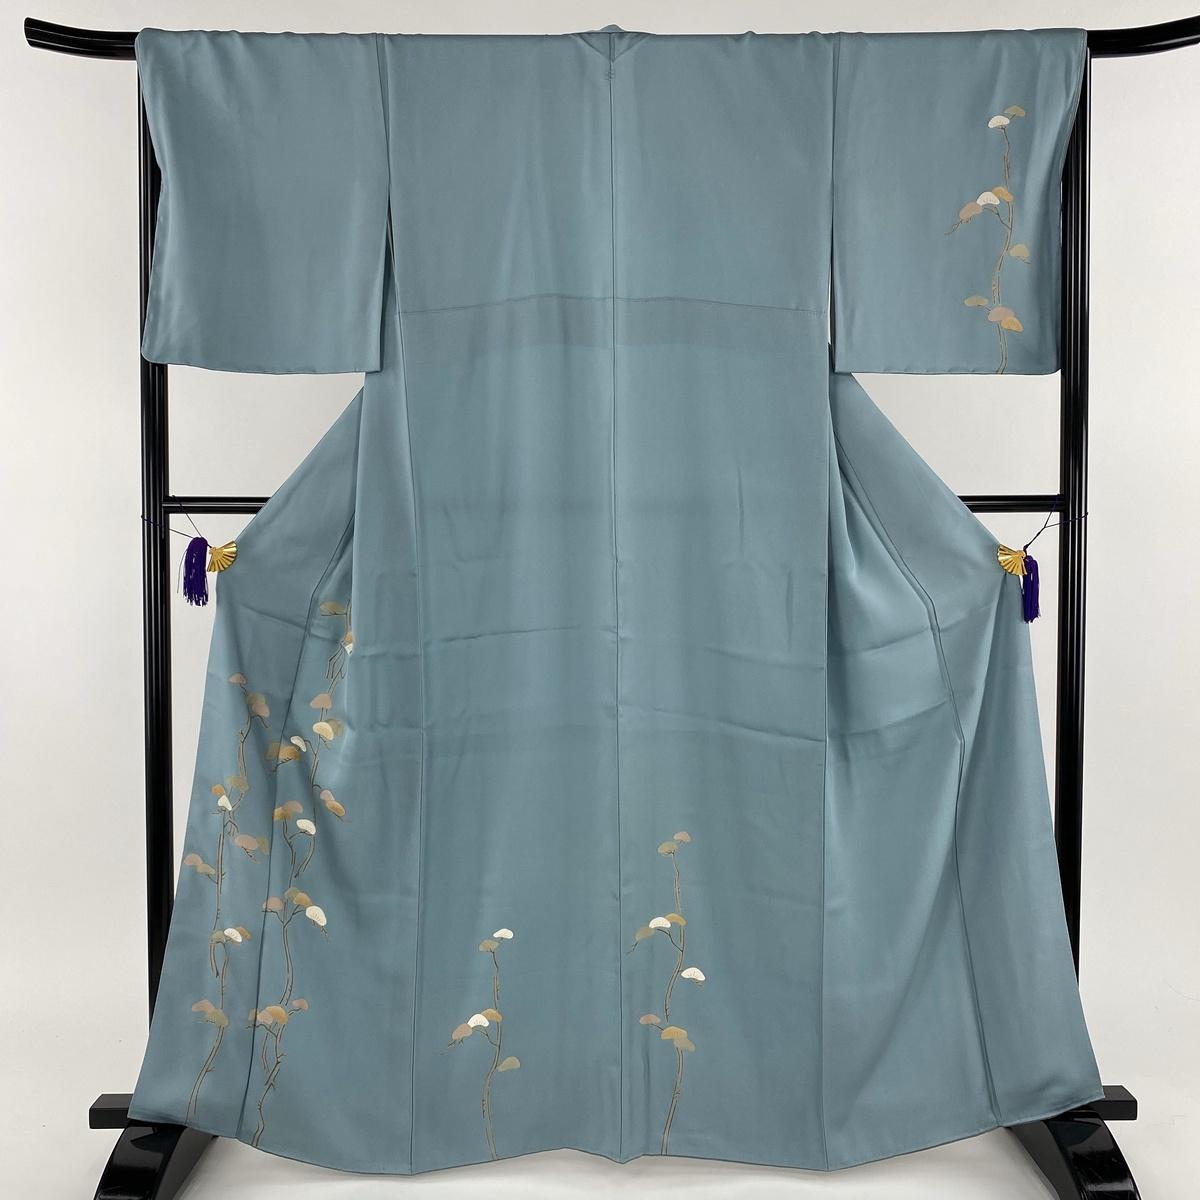 訪問着 美品 秀品 一つ紋 やまと 松 金彩 刺繍 青灰色 袷 身丈163.5cm 裄丈67.5cm M 正絹 【中古】